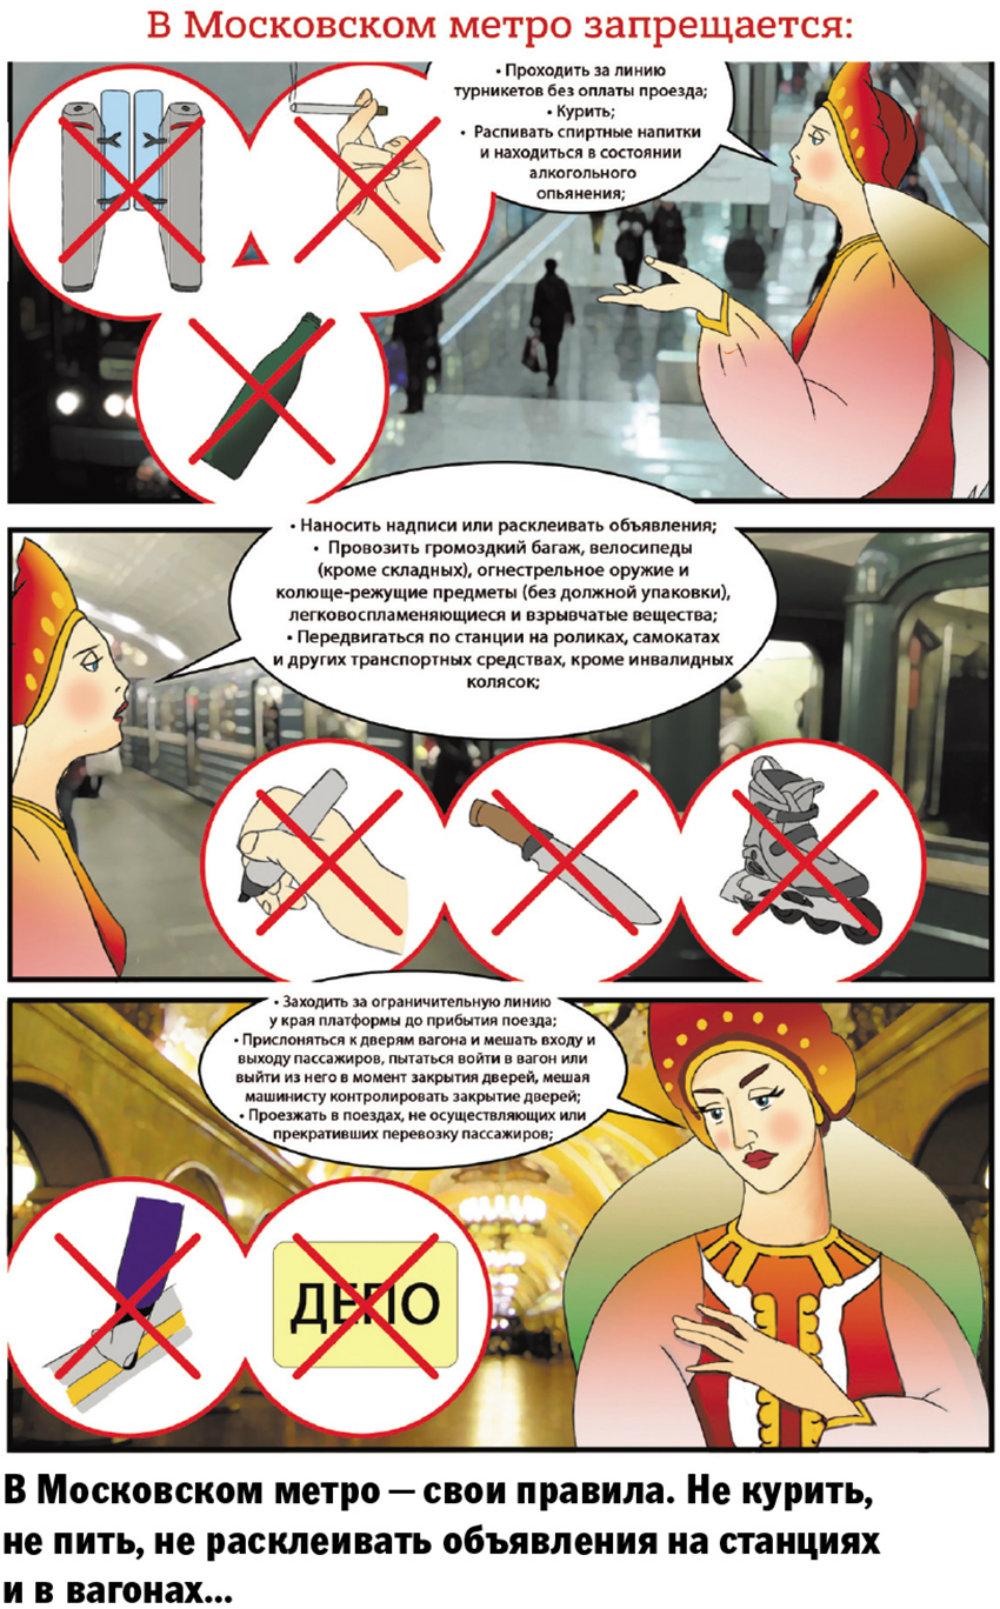 Василиса Премудрая сведуща не только в орфографии, но и в правилах поведения в метро.